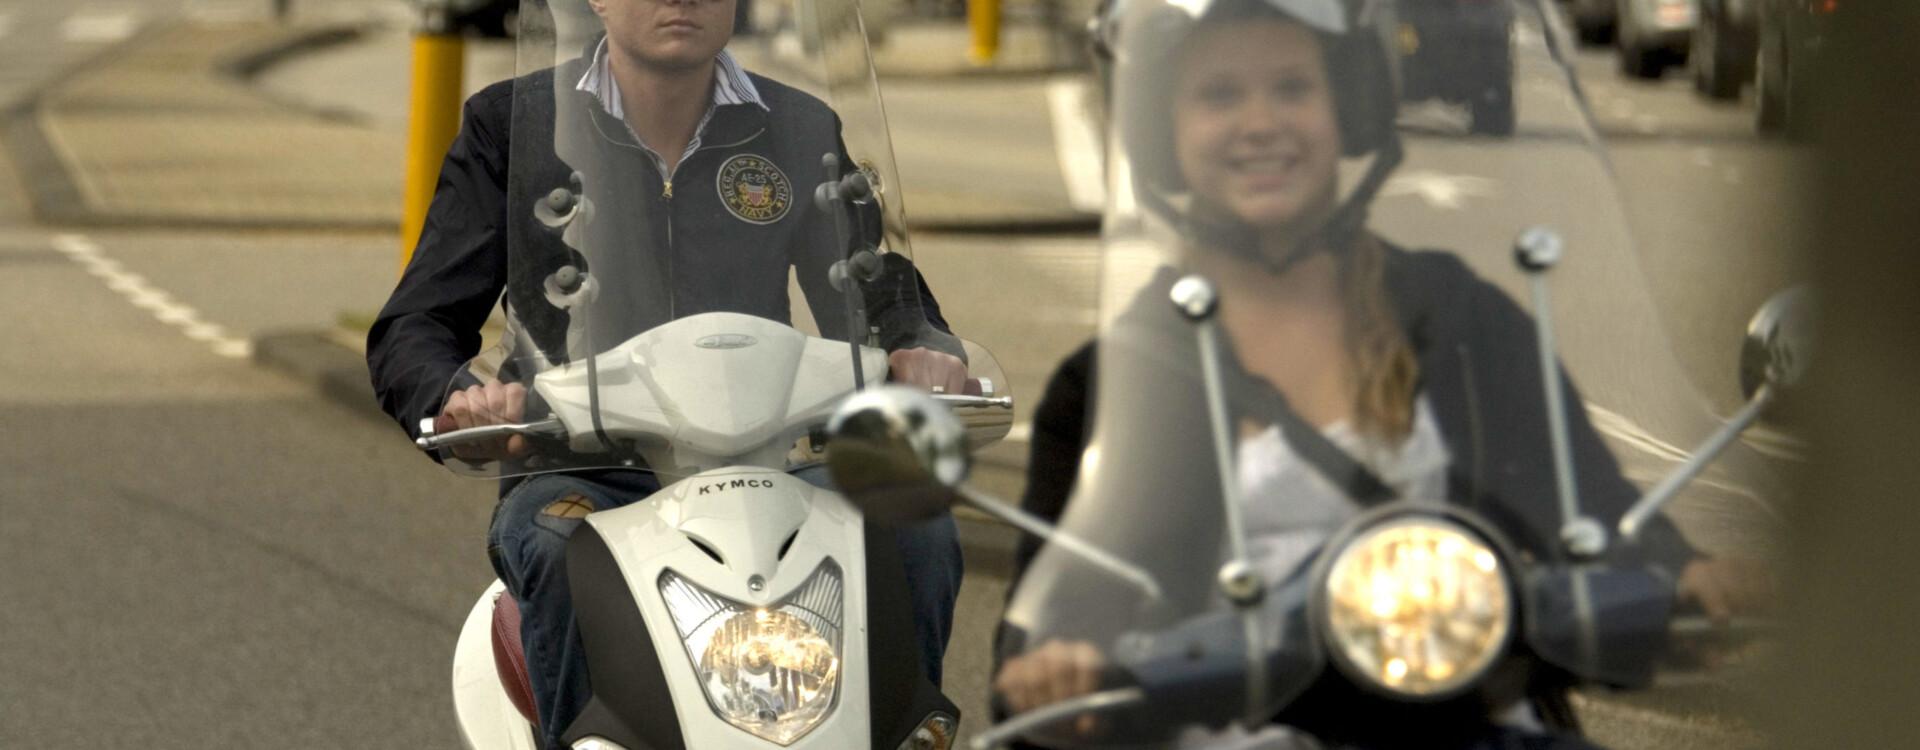 Jongeren op scooters